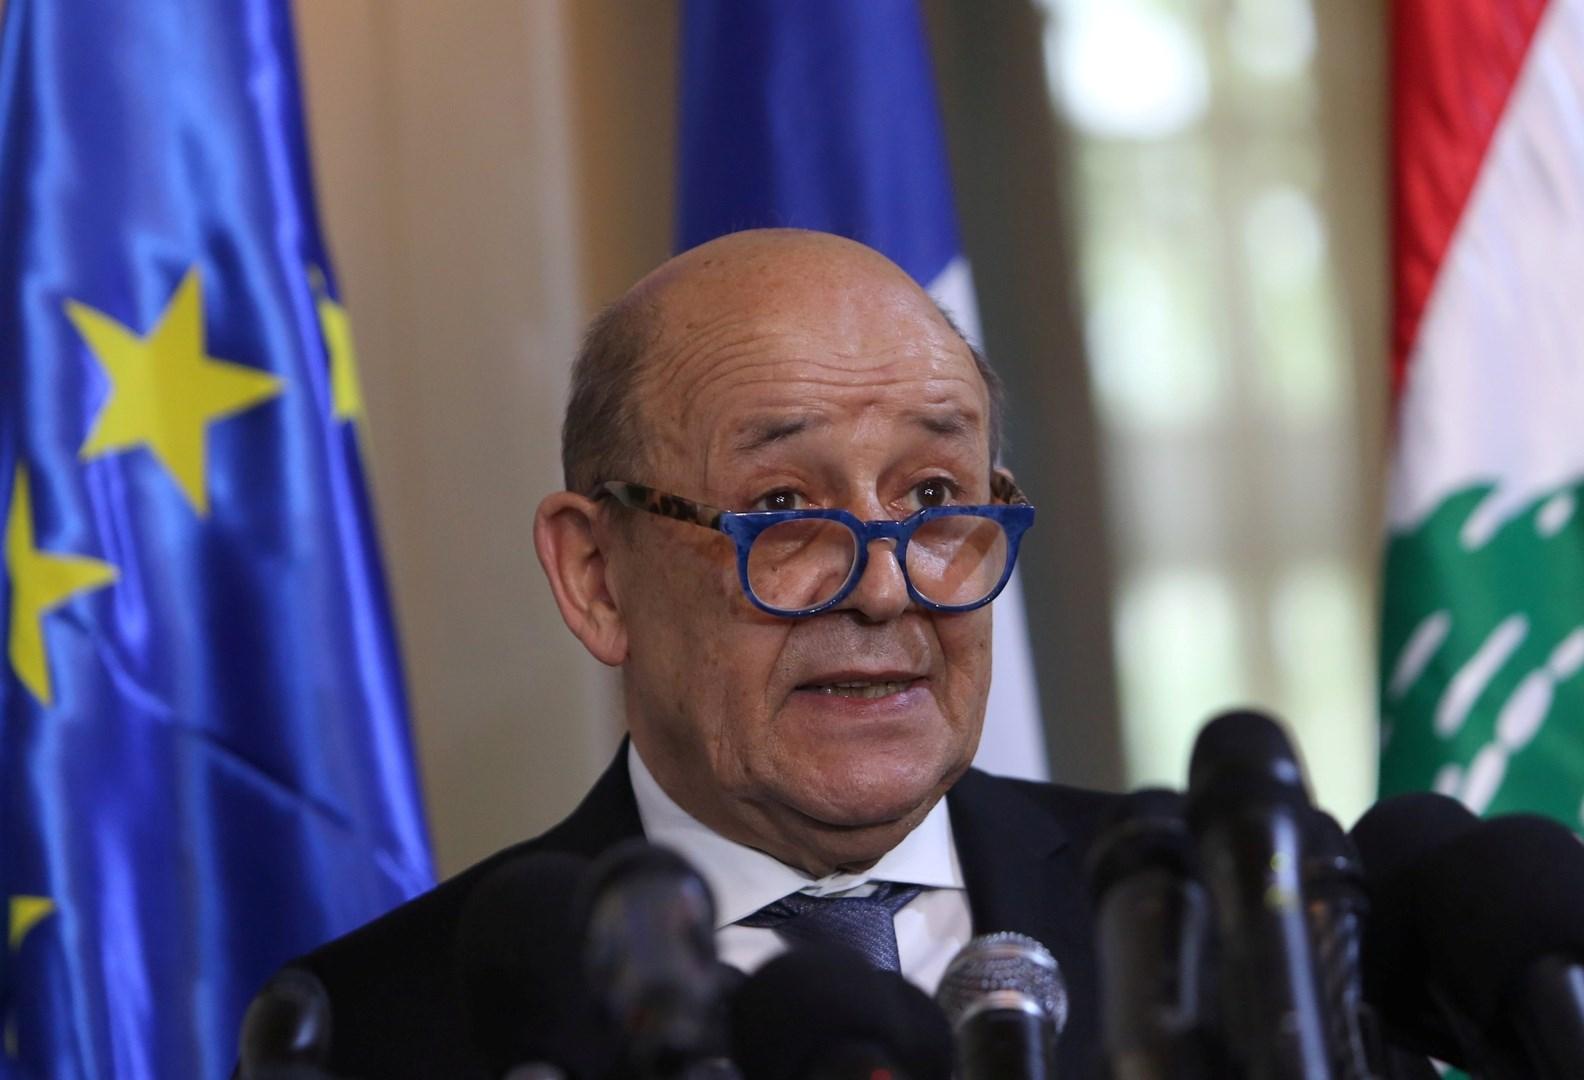 لودريان: المؤتمر الدولي لمساعدة لبنان سيعقد الشهر المقبل